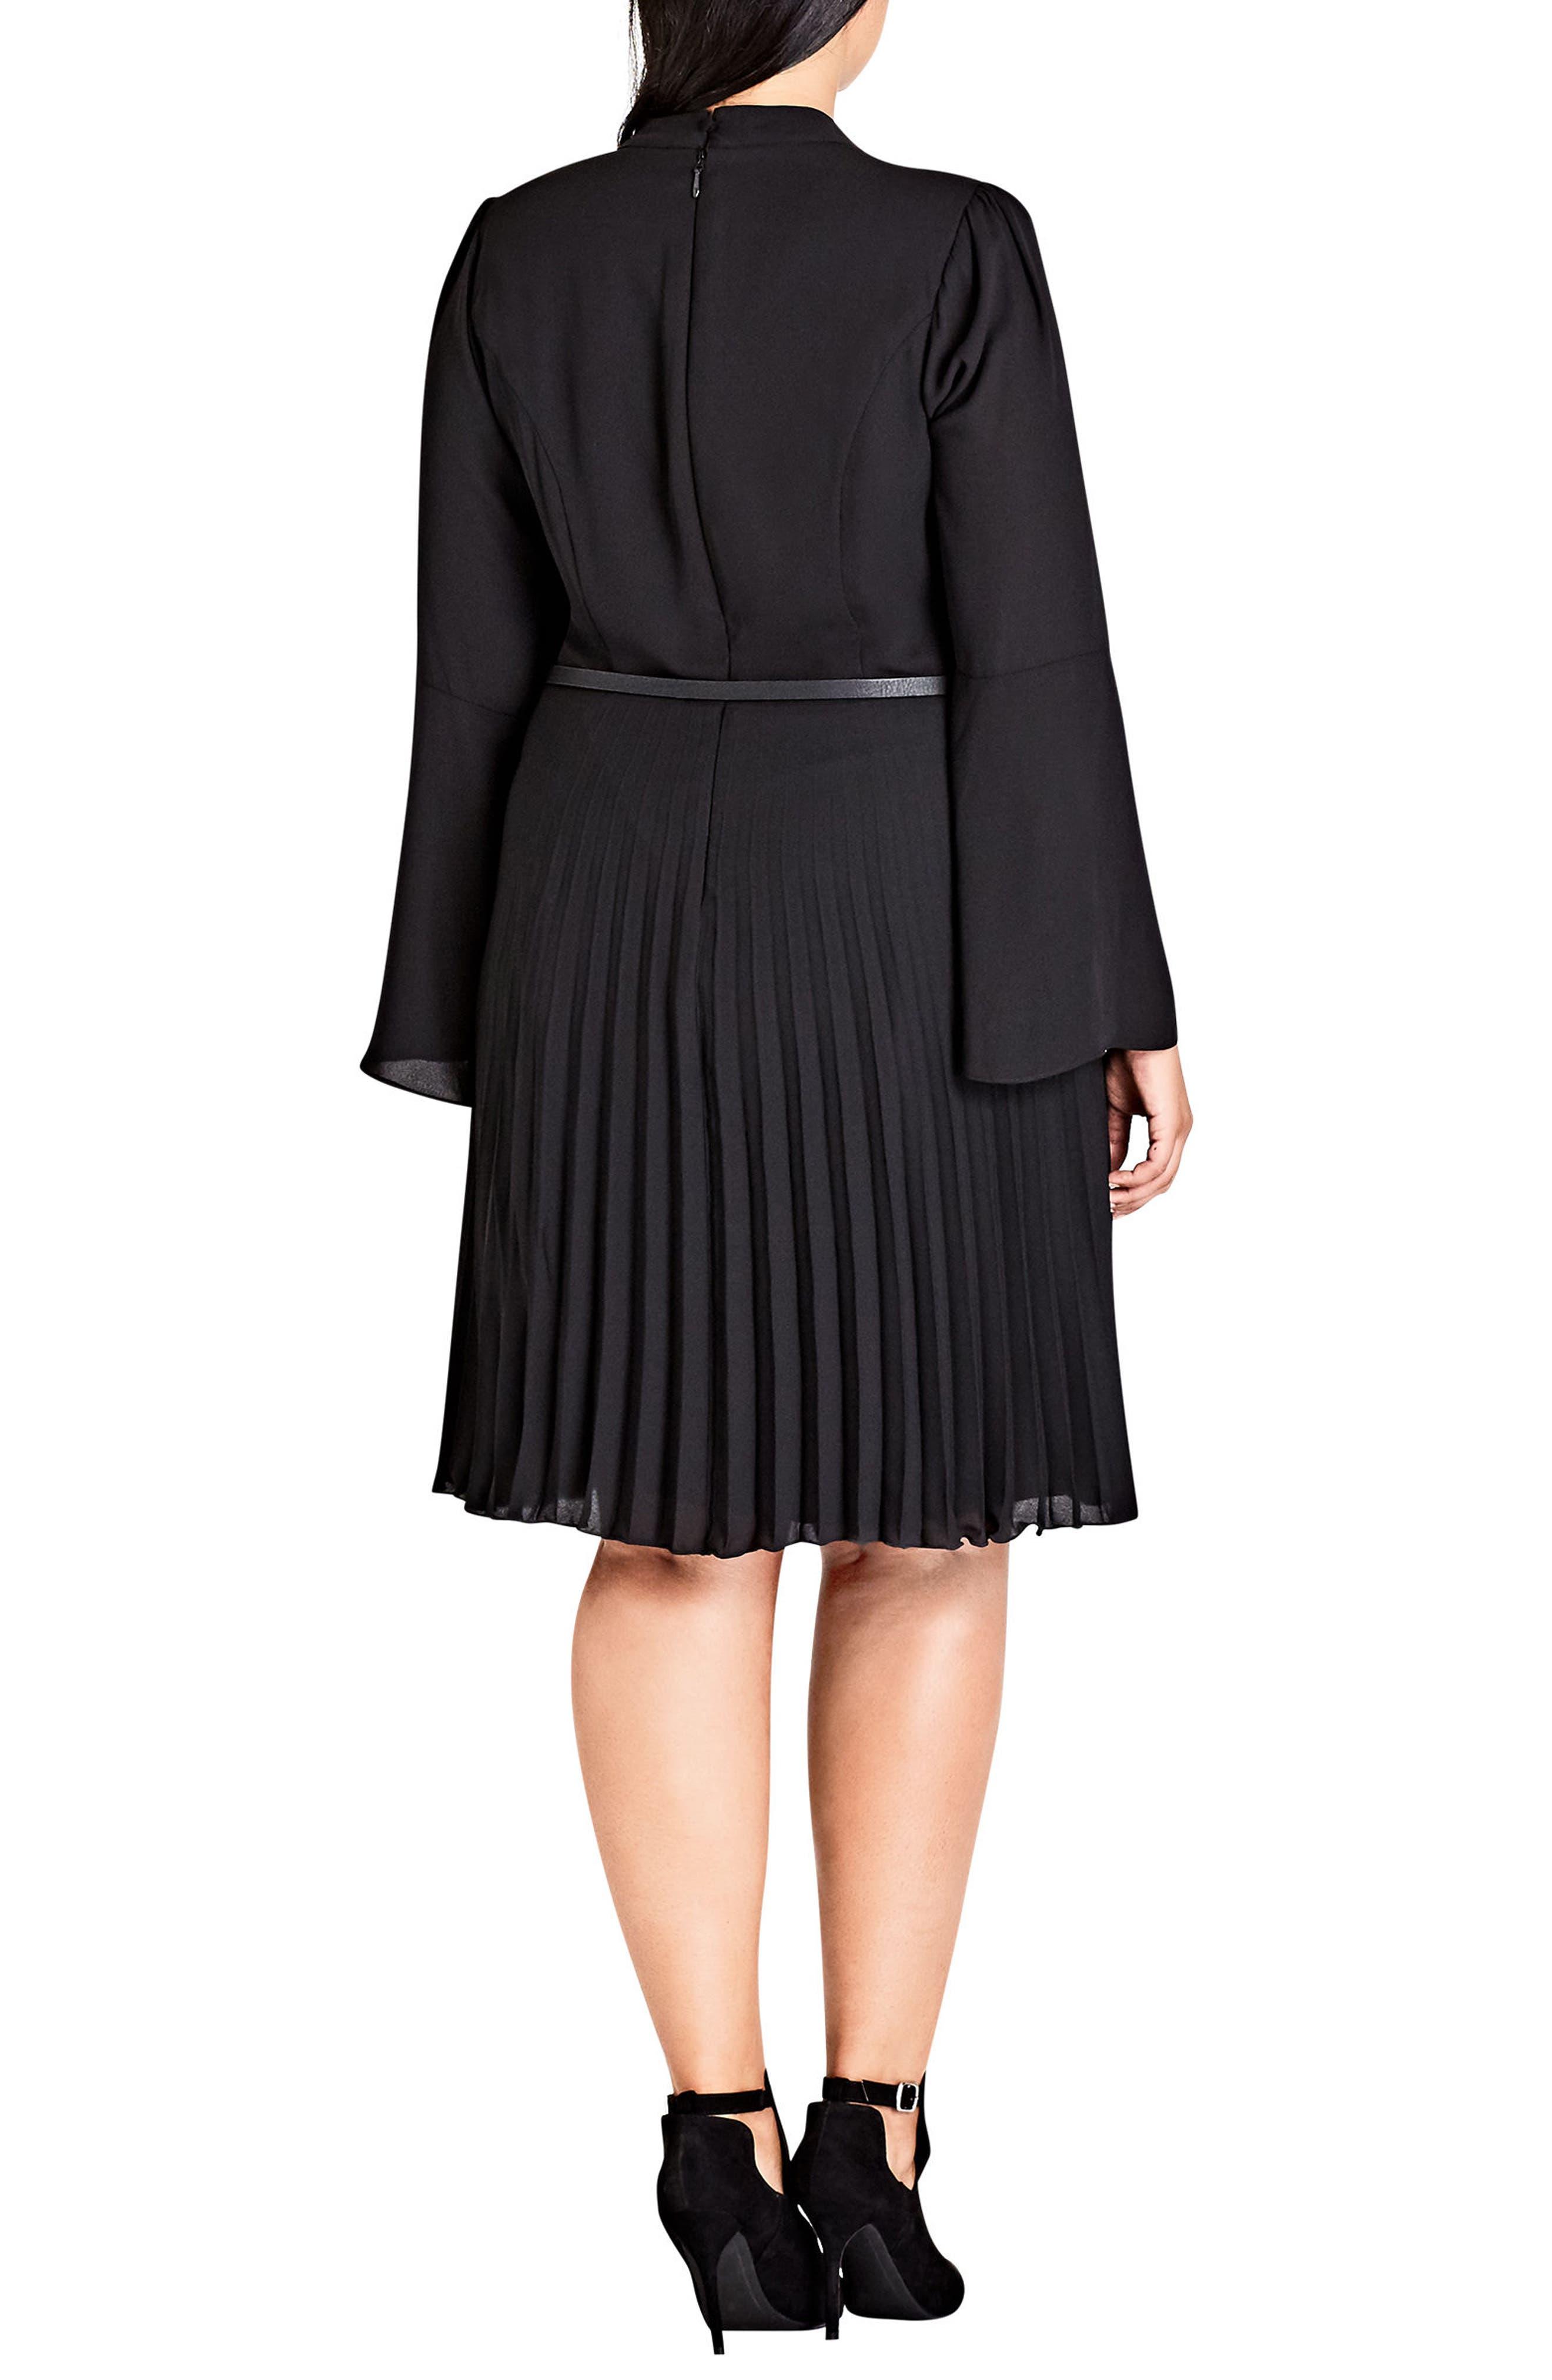 Praise Me Bell Sleeve Choker Neck Dress,                             Alternate thumbnail 2, color,                             001